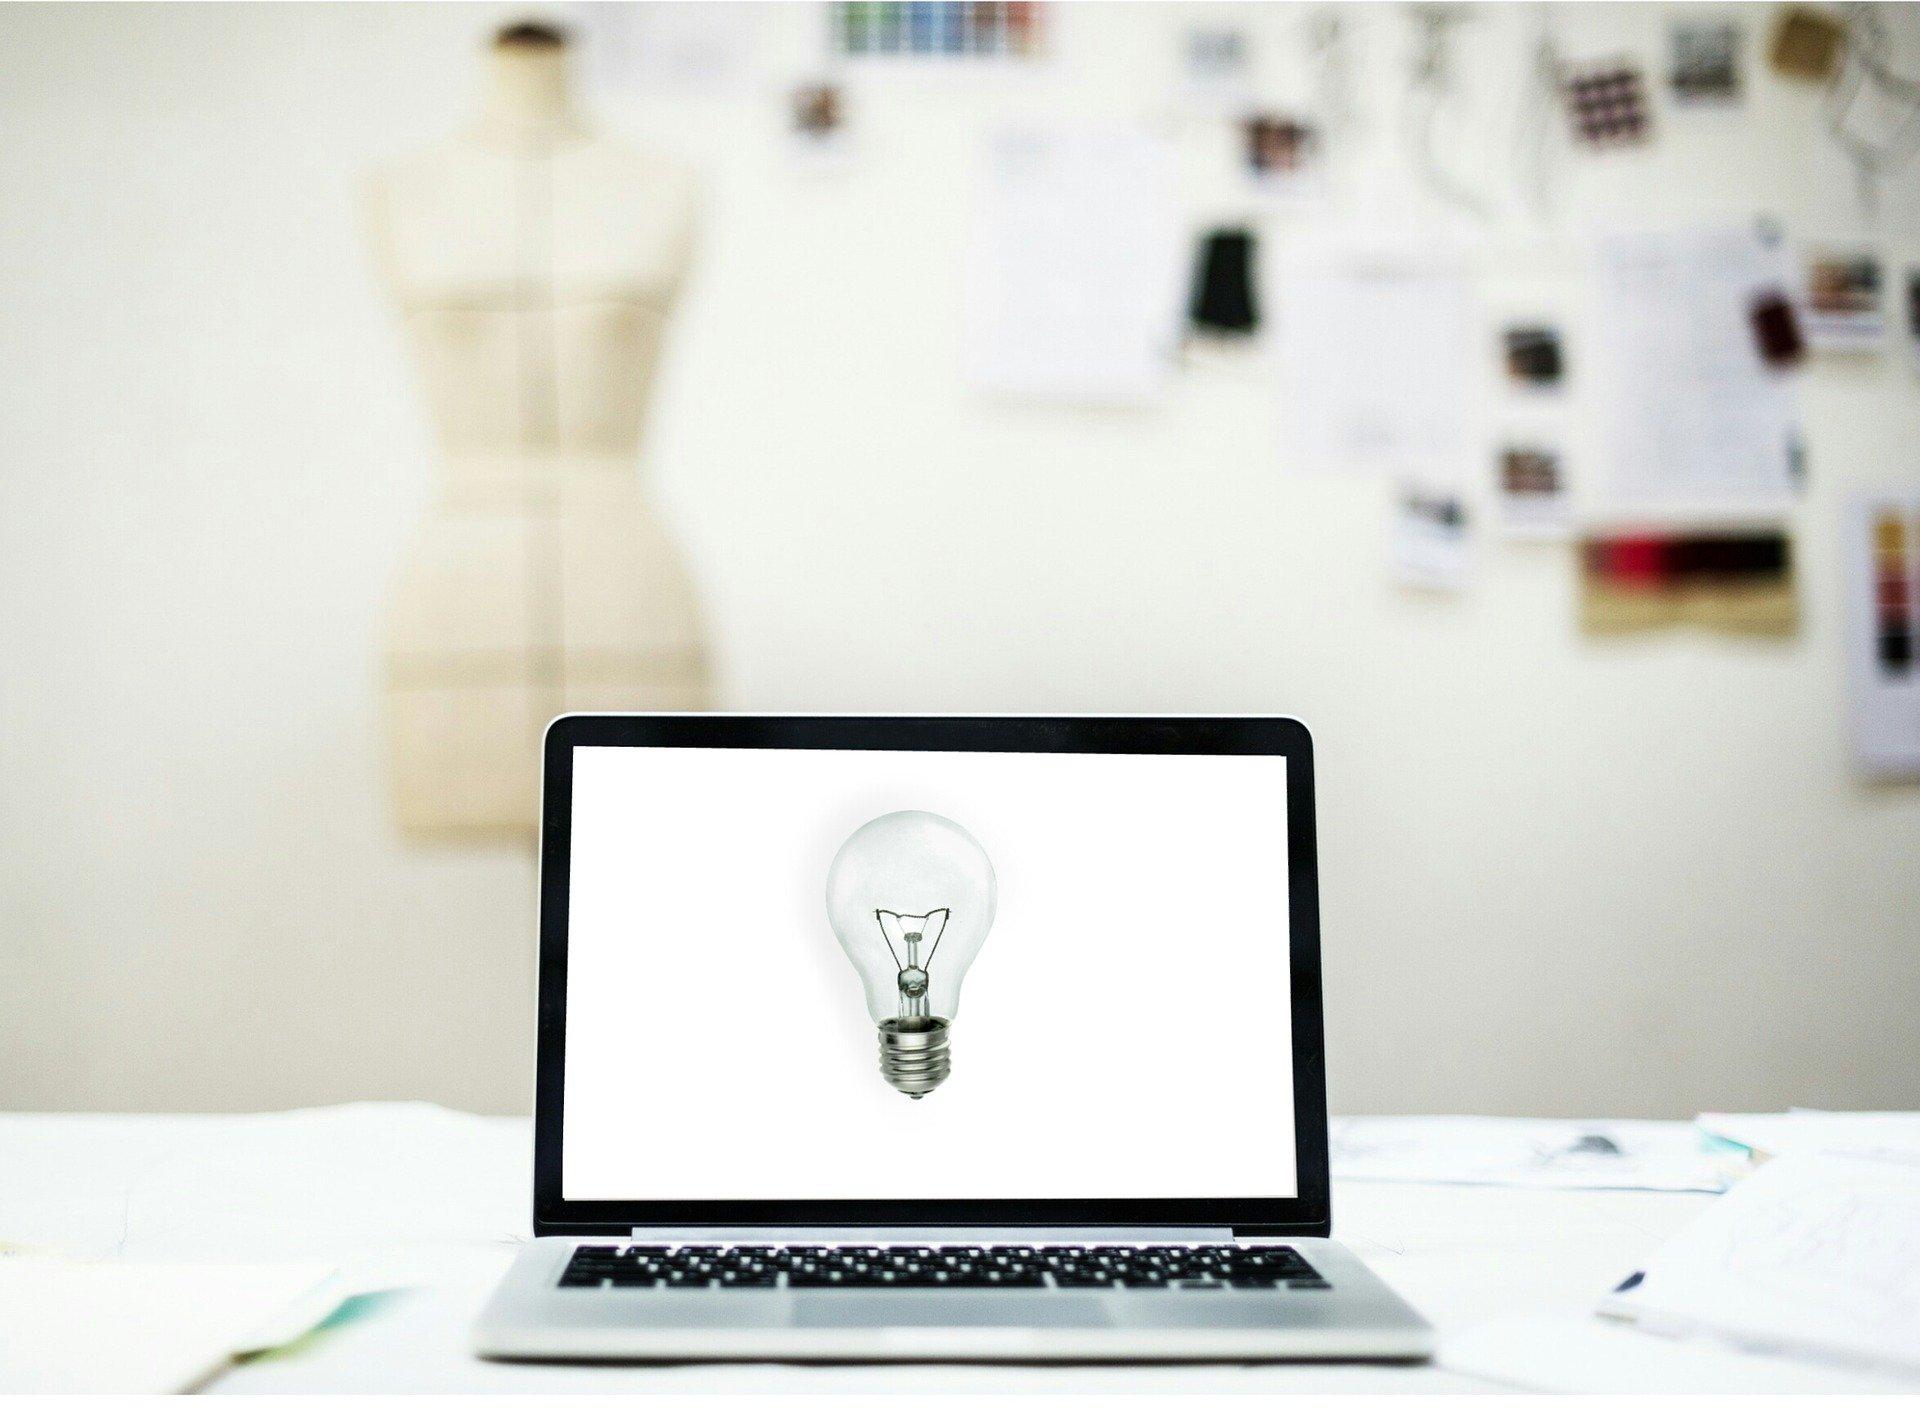 Billede af en computer og en systue med et varemærke der skal have patent